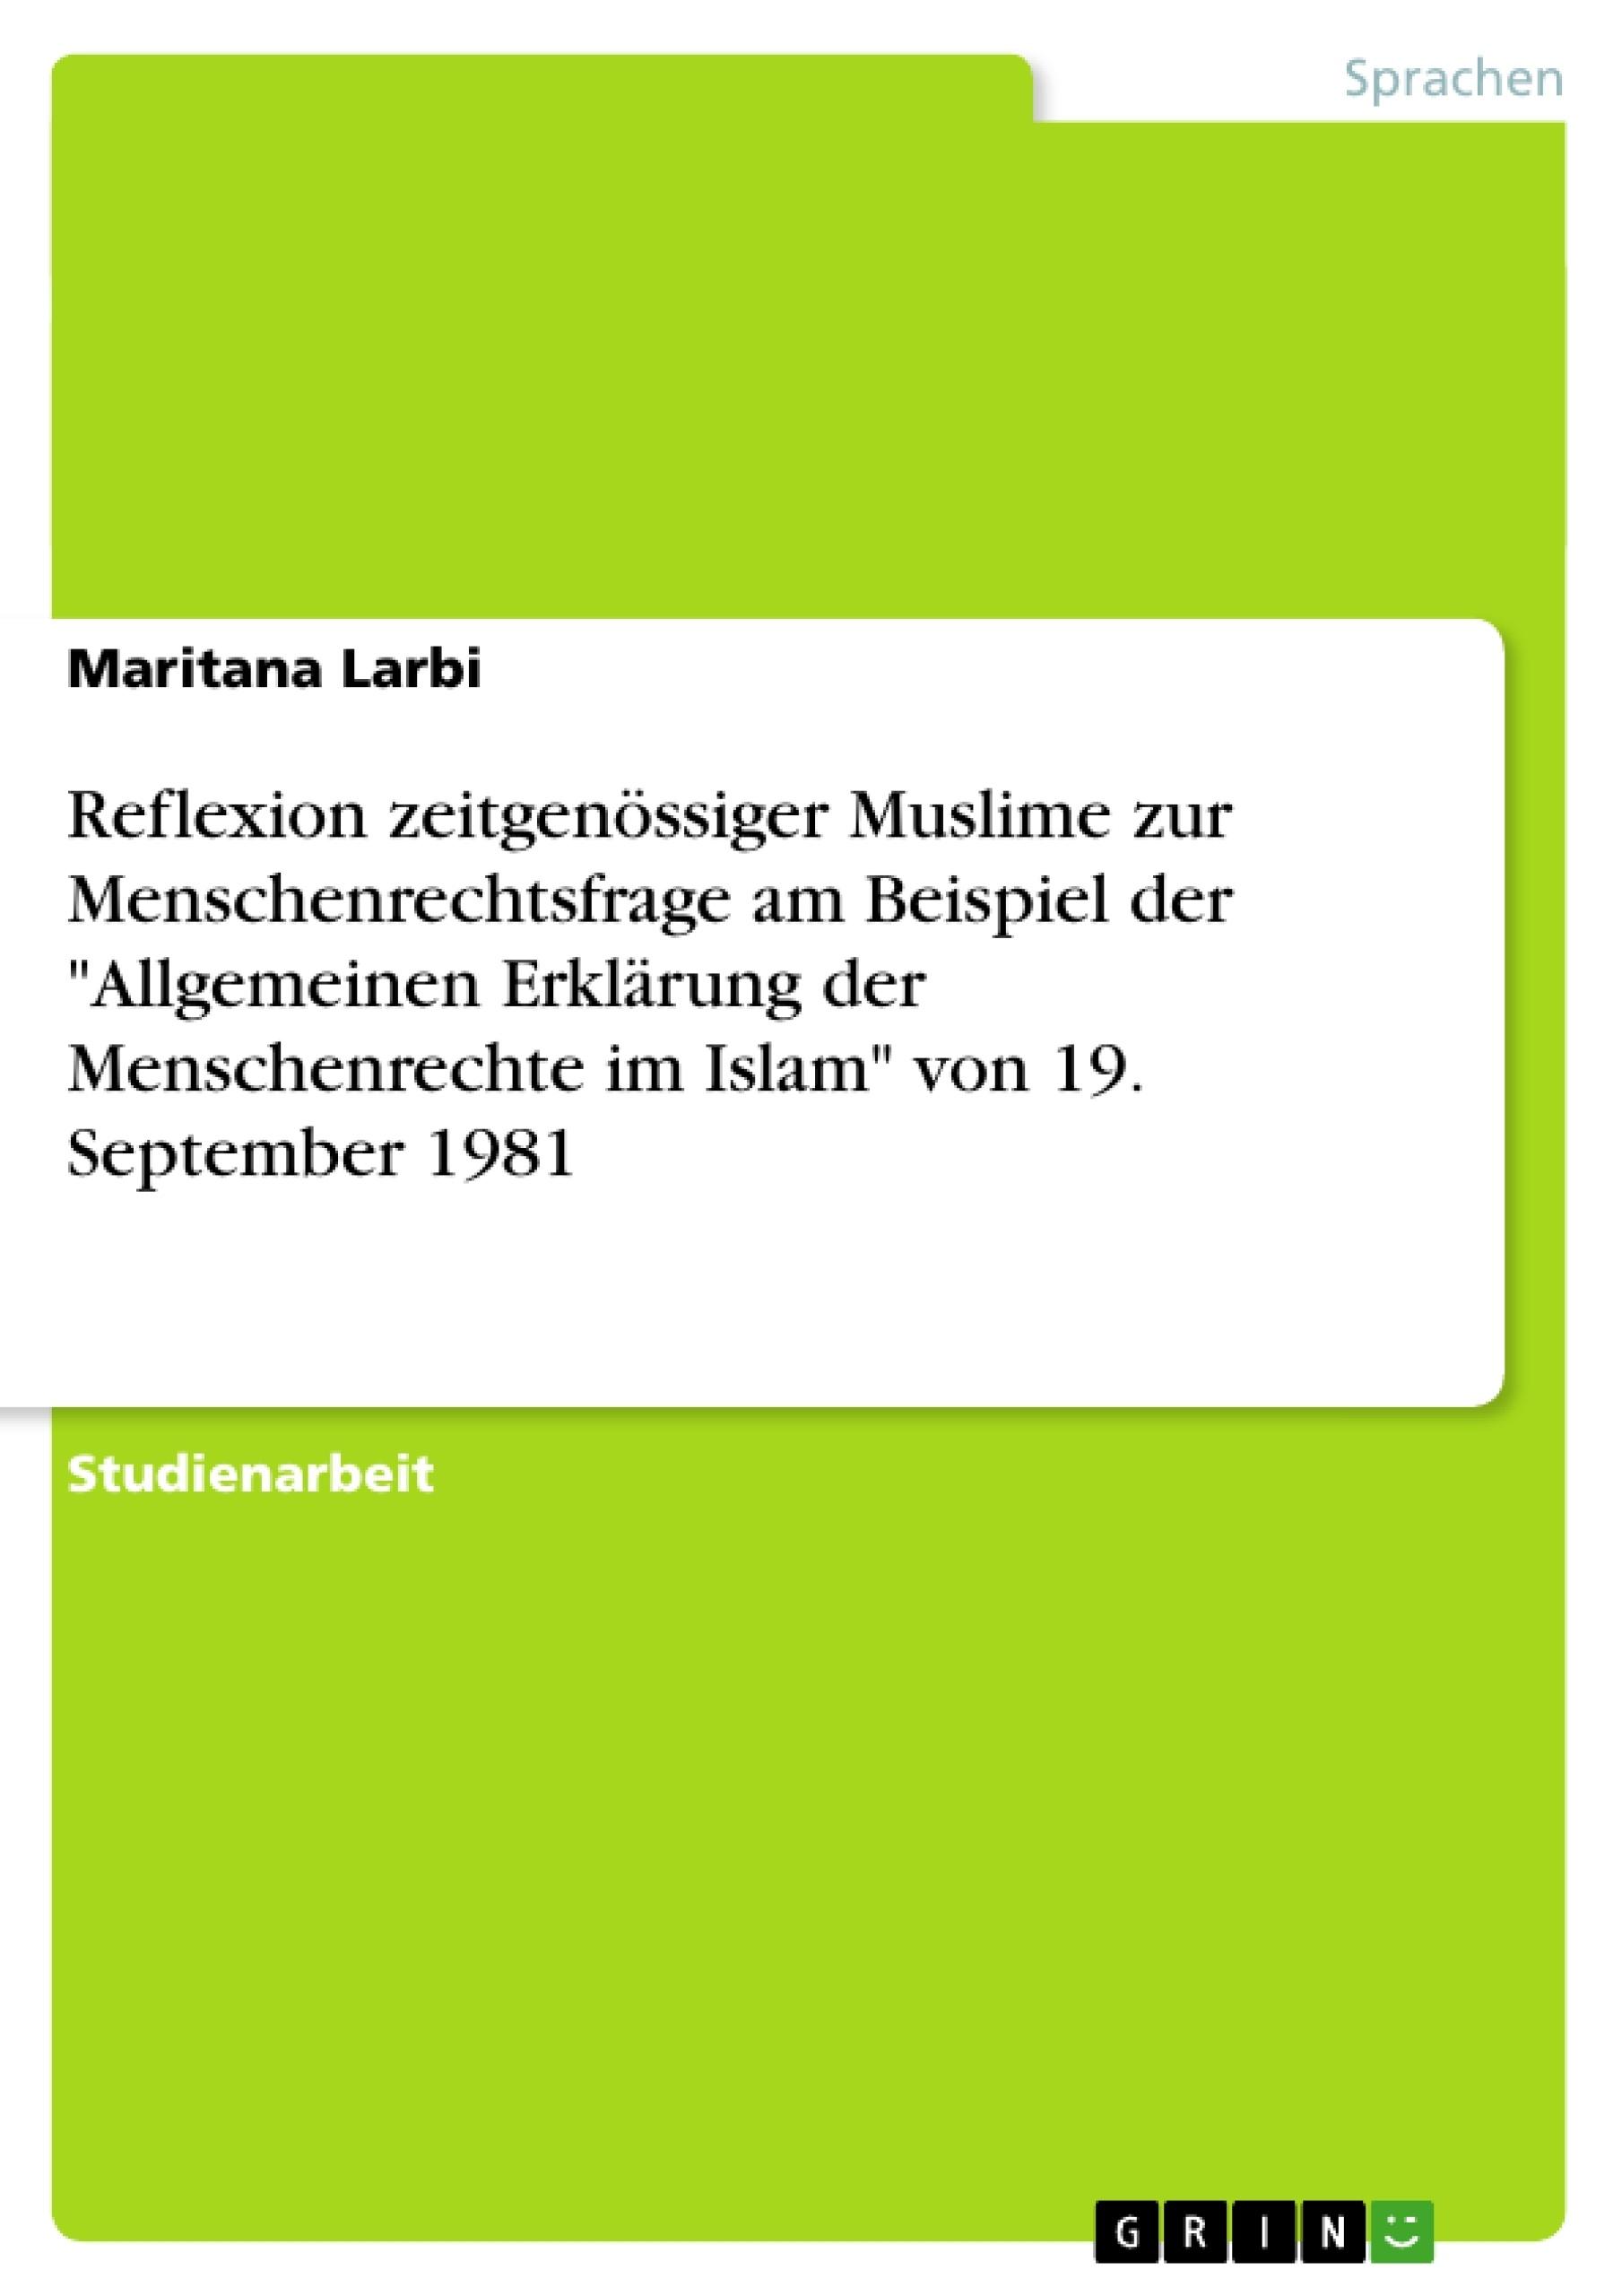 """Titel: Reflexion zeitgenössiger Muslime zur Menschenrechtsfrage am Beispiel der """"Allgemeinen Erklärung der Menschenrechte im Islam"""" von 19. September 1981"""